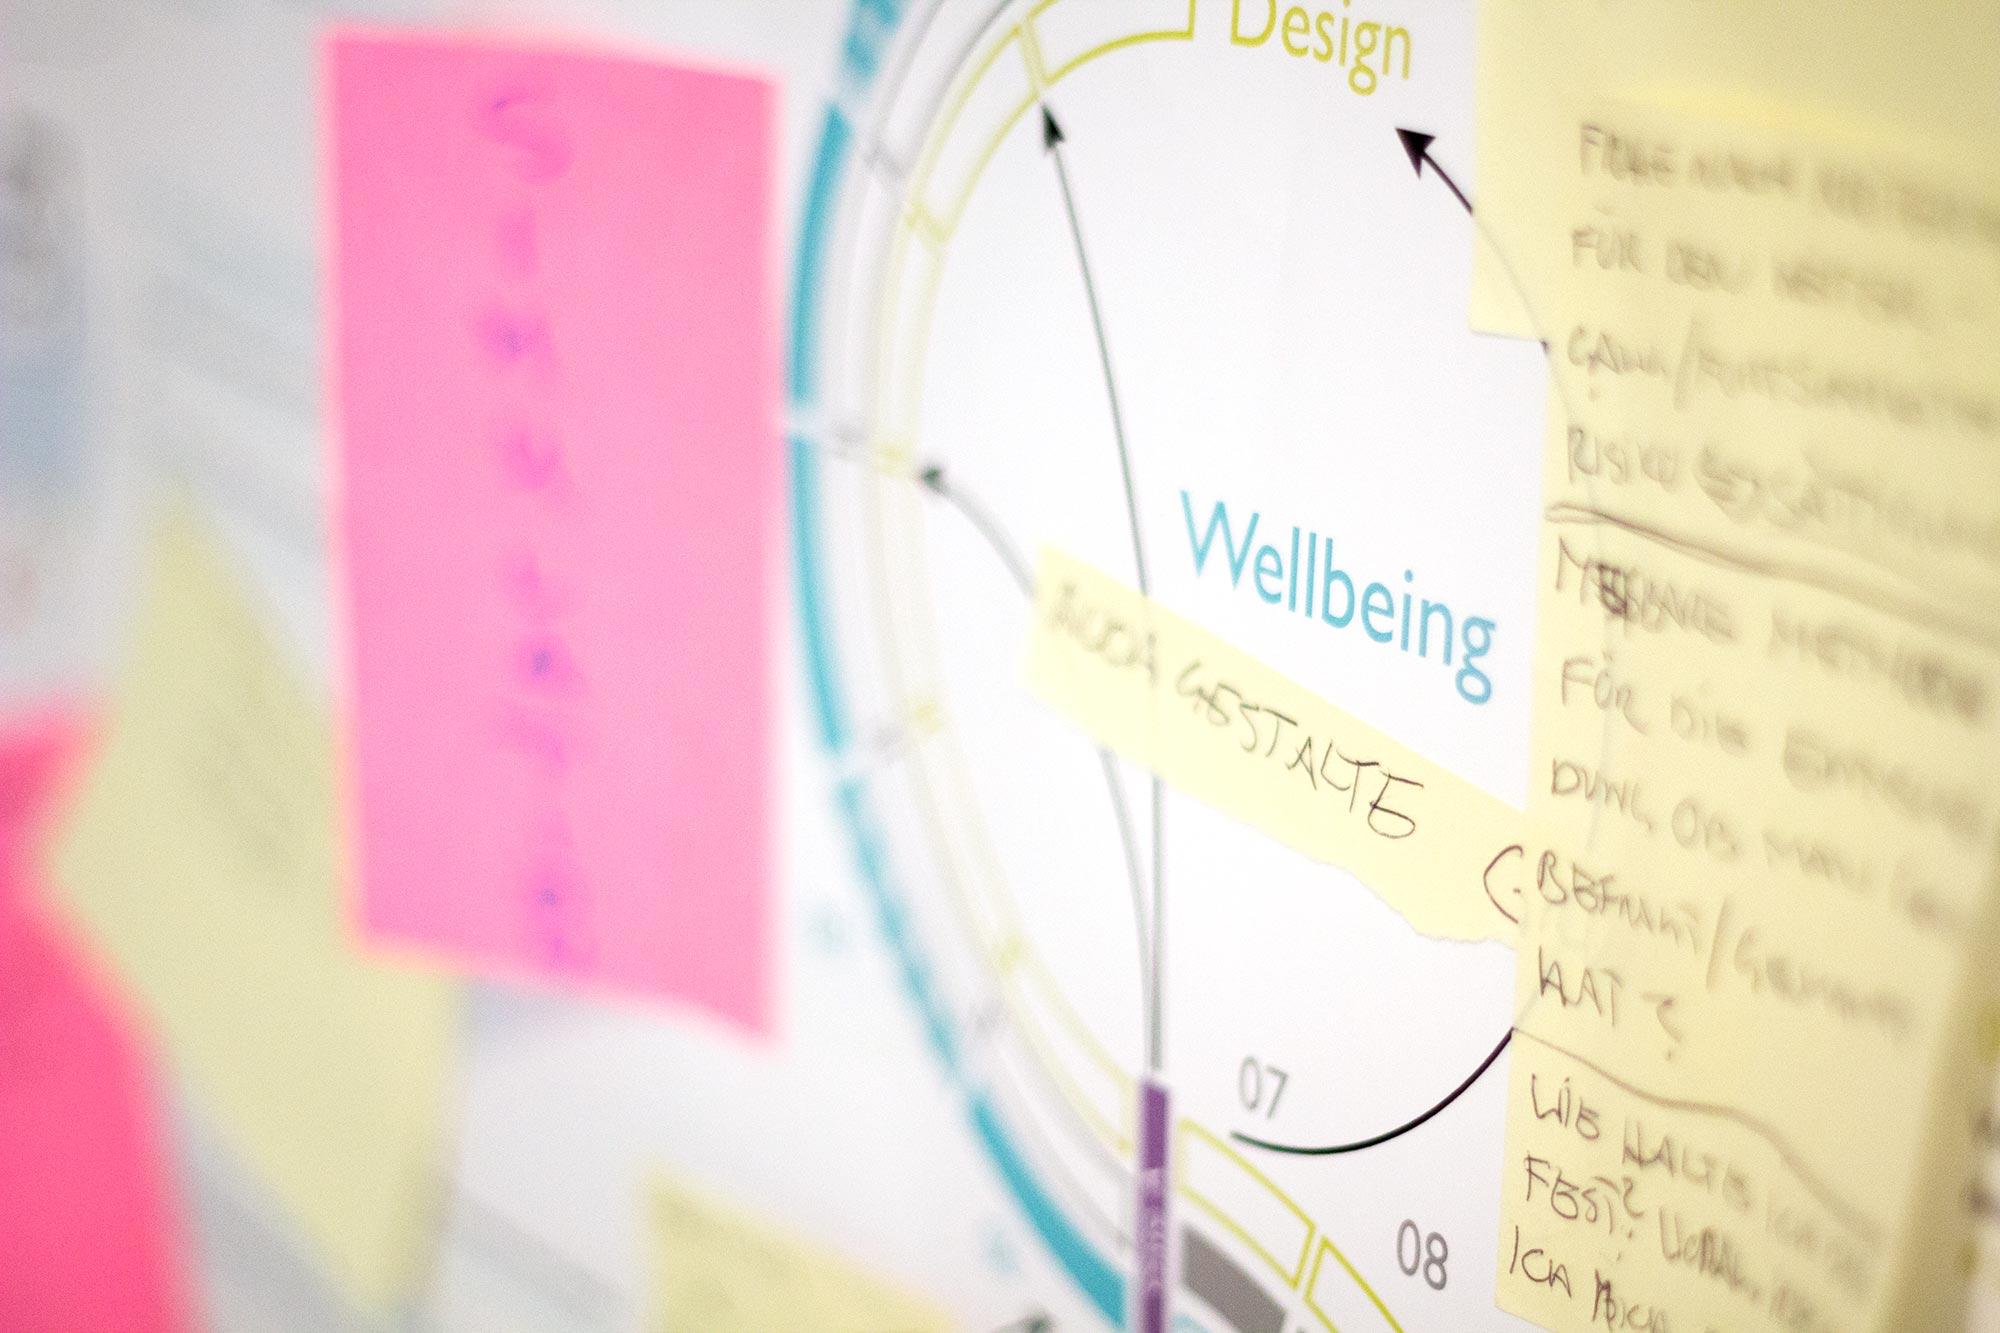 Prozess-wellbeing.jpg